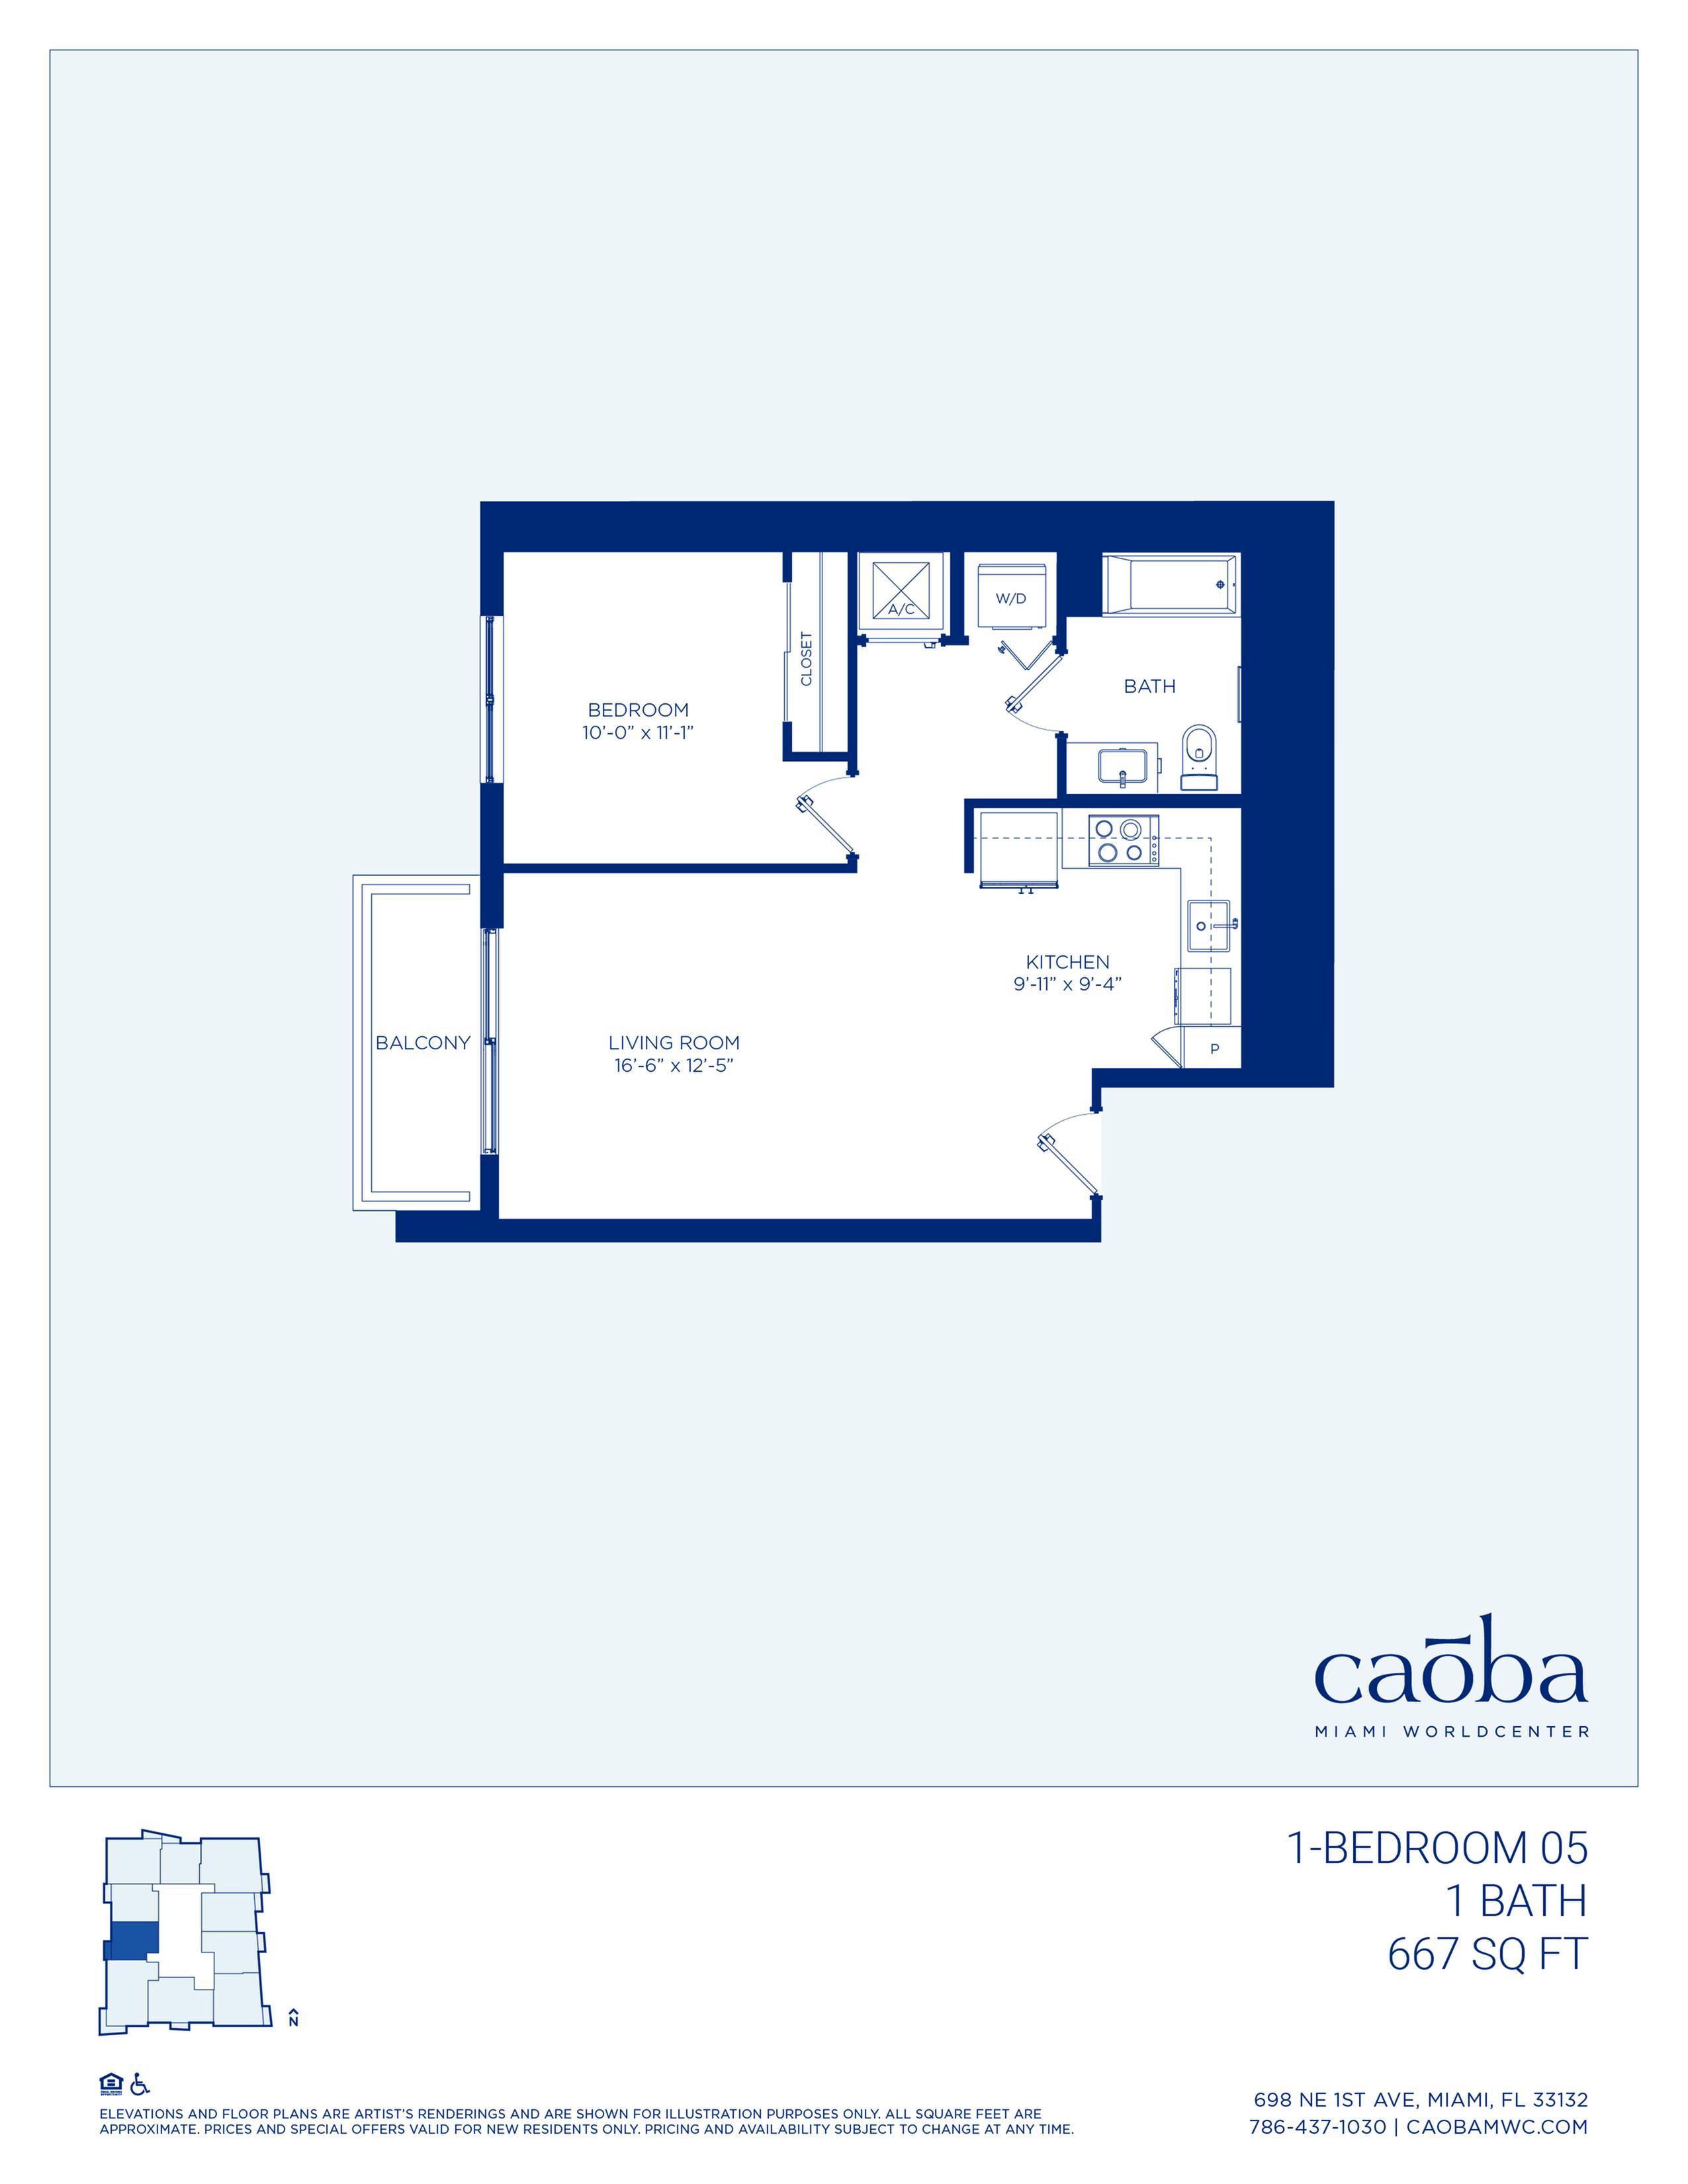 Miami Caoba Floorplan - 1-04